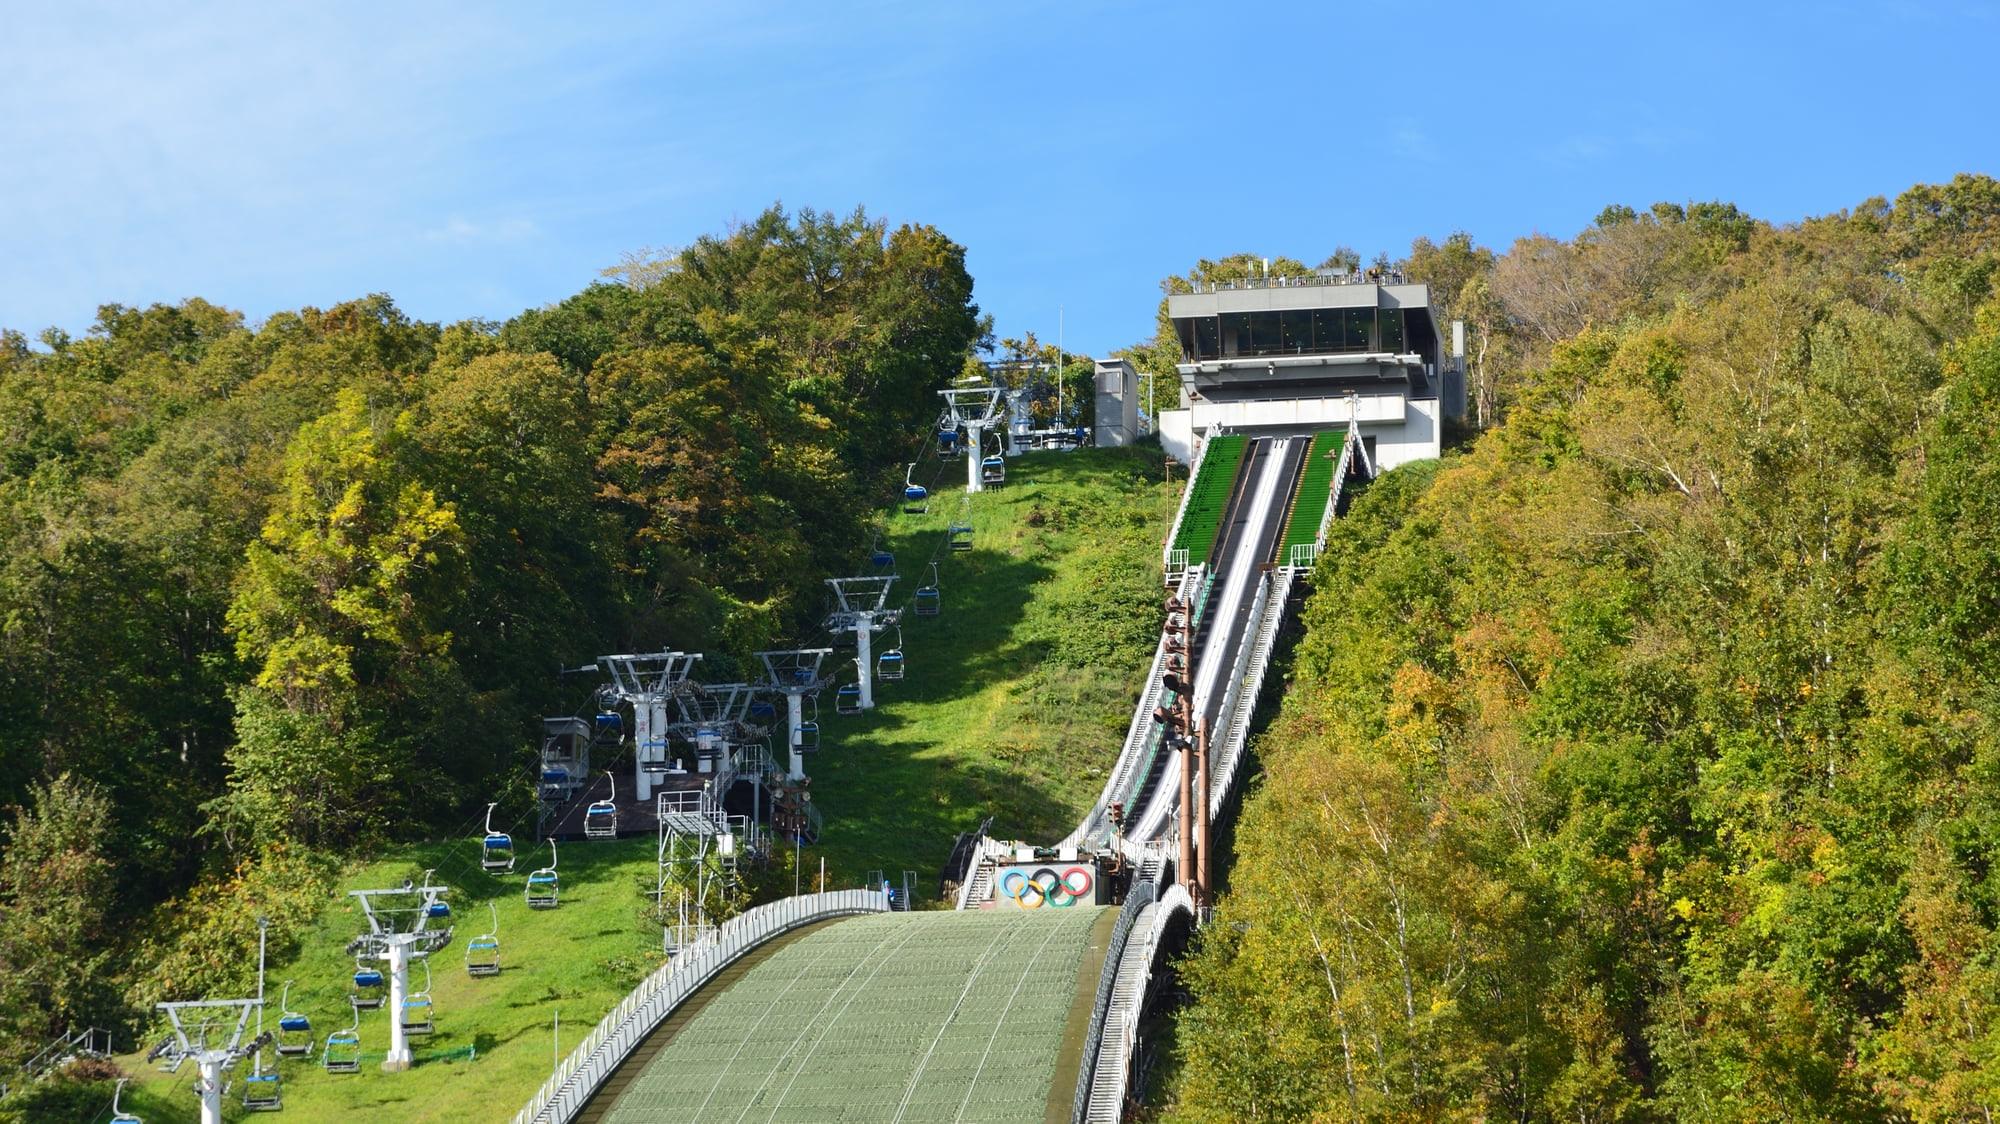 大倉山展望台は札幌の絶景スポット!見どころ・料金・アクセス方法など紹介